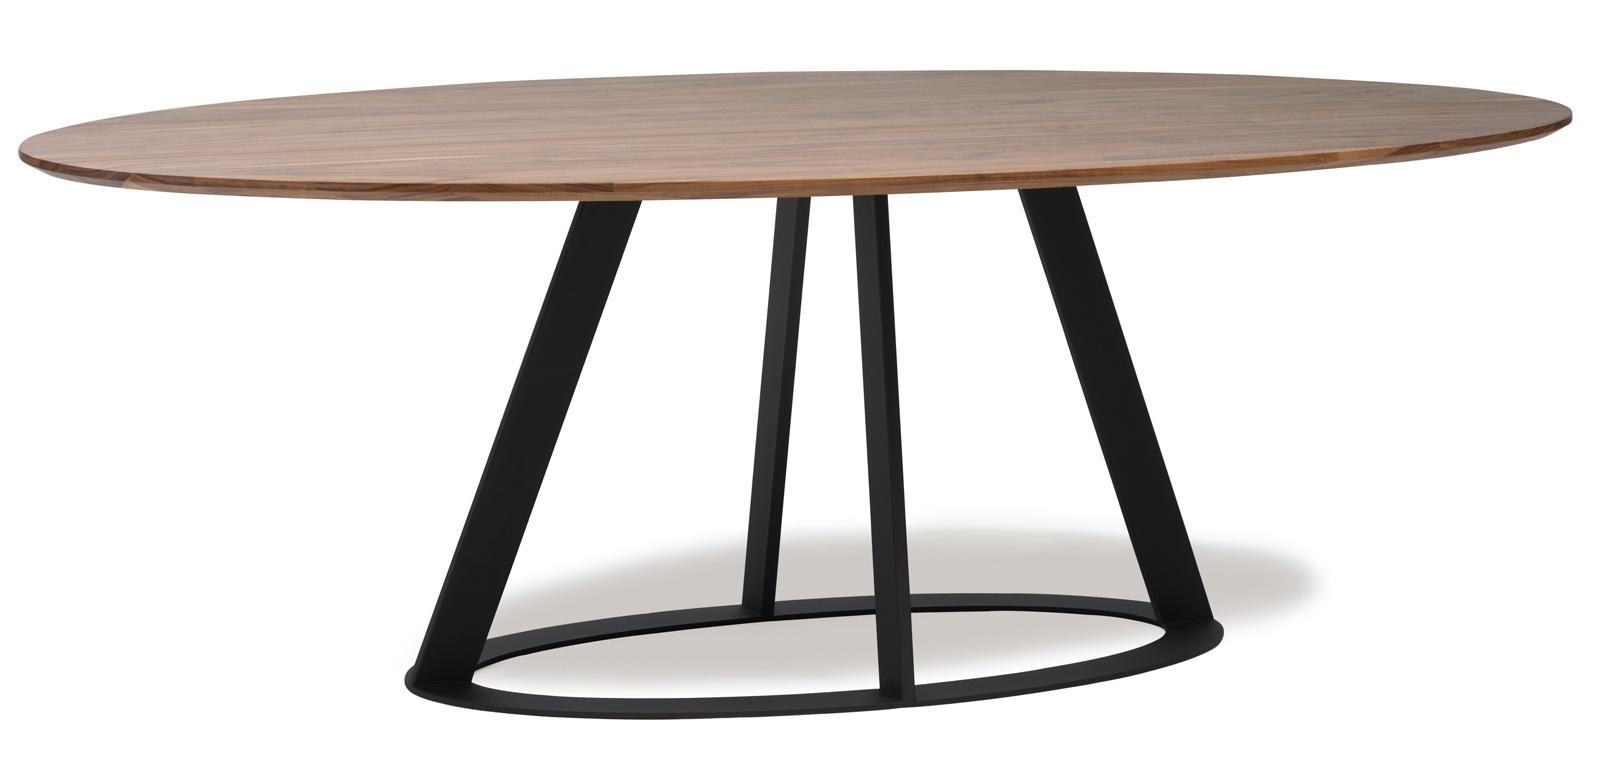 Fier ovaal harvink tafels for Tafel ovaal